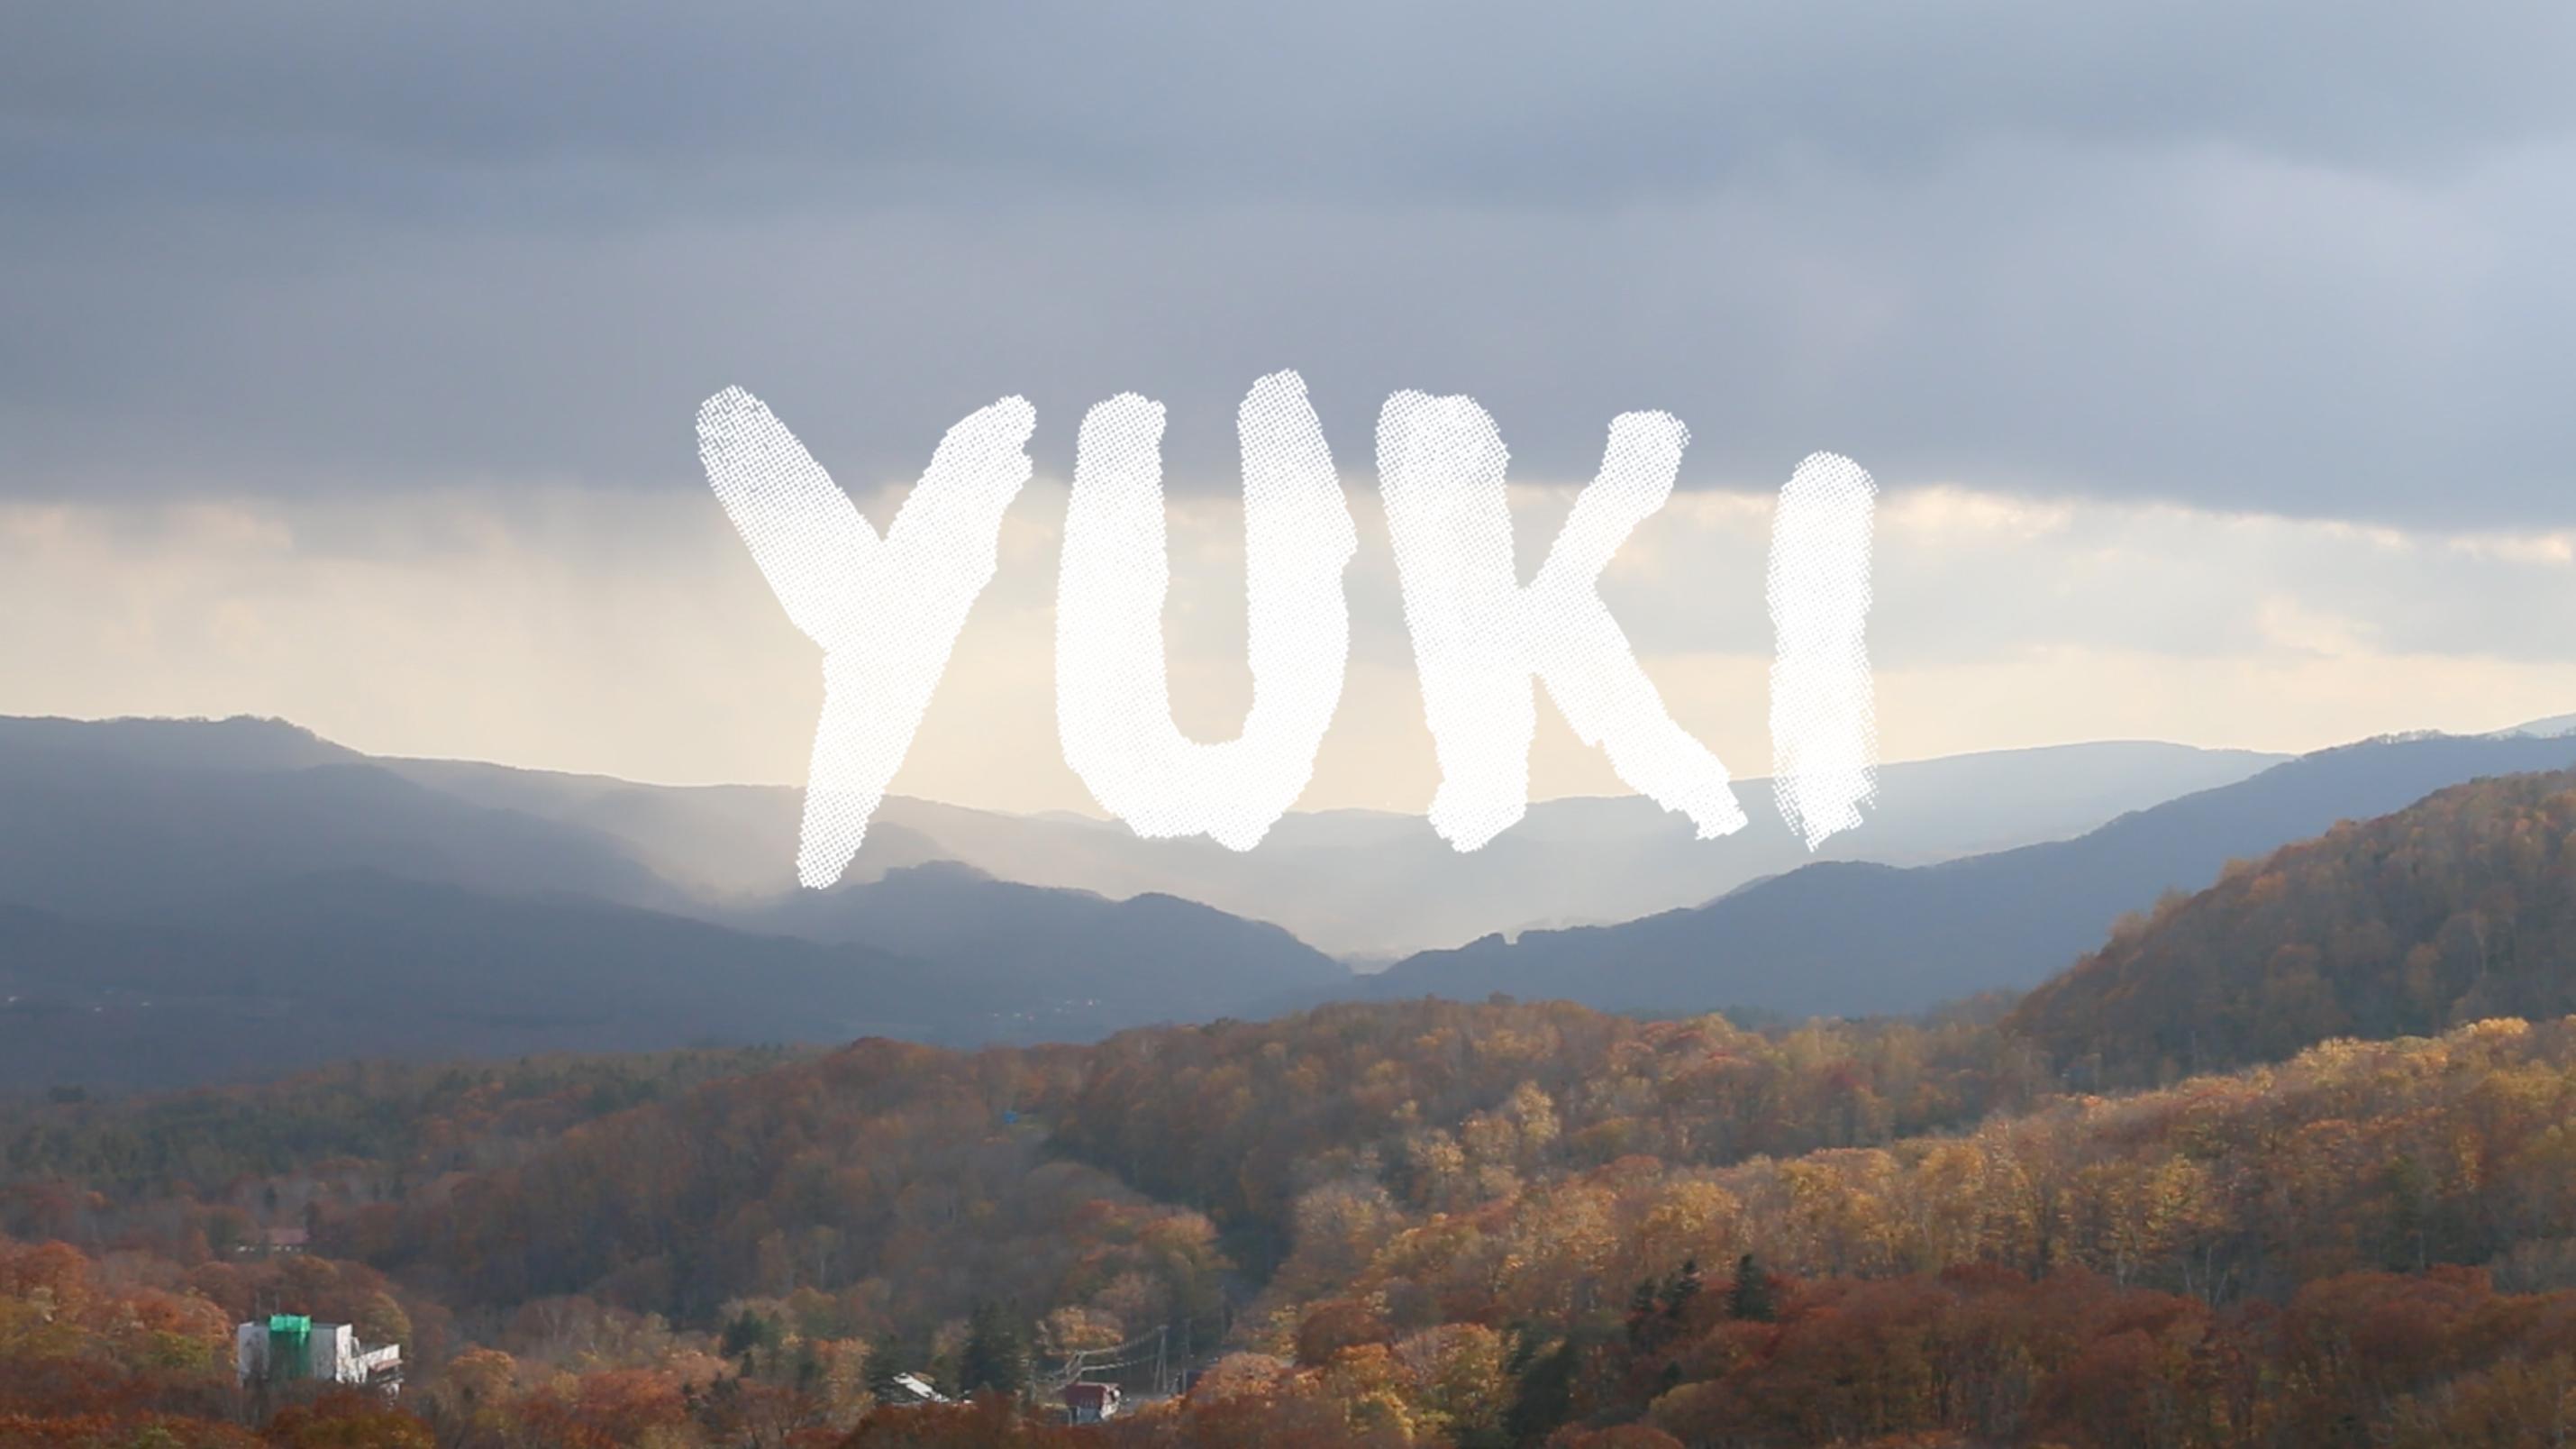 Yuki Jon Bero